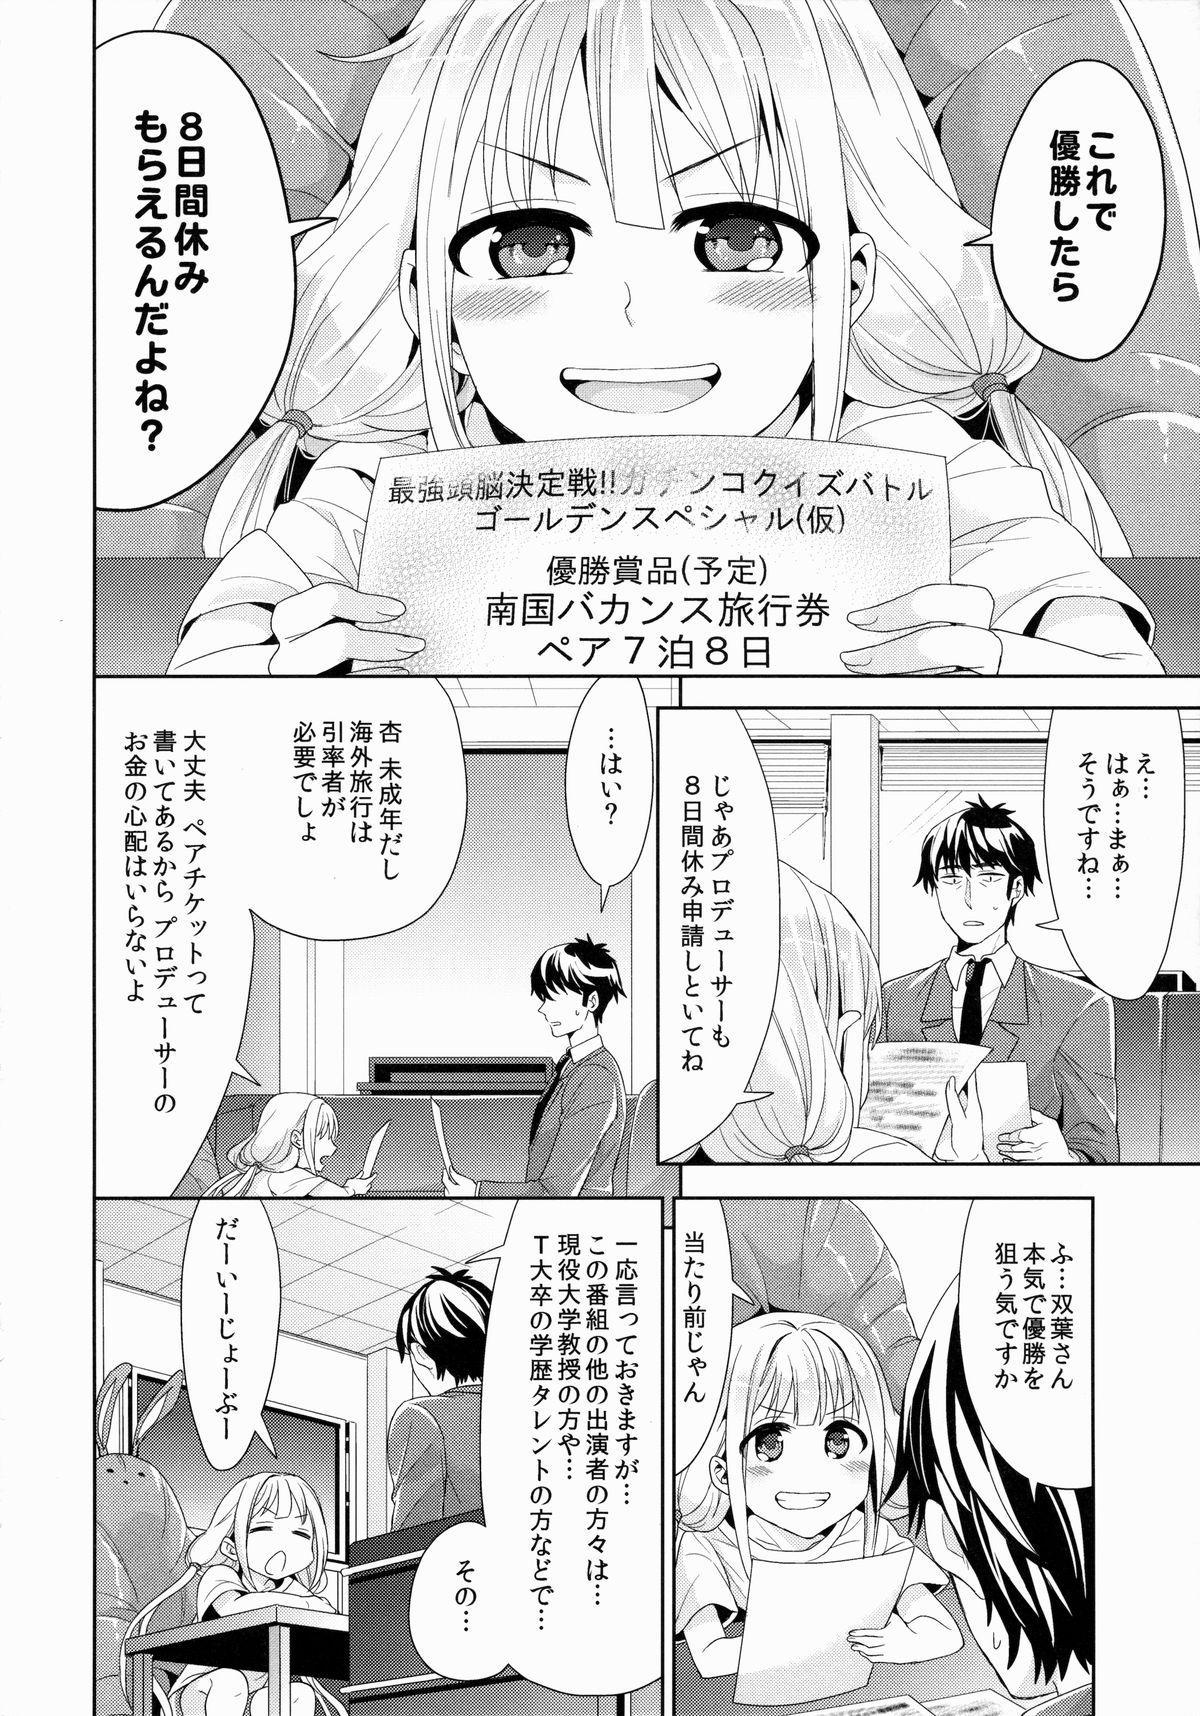 Anzu, Takeuchi P ni Honki Dashima-su! 4